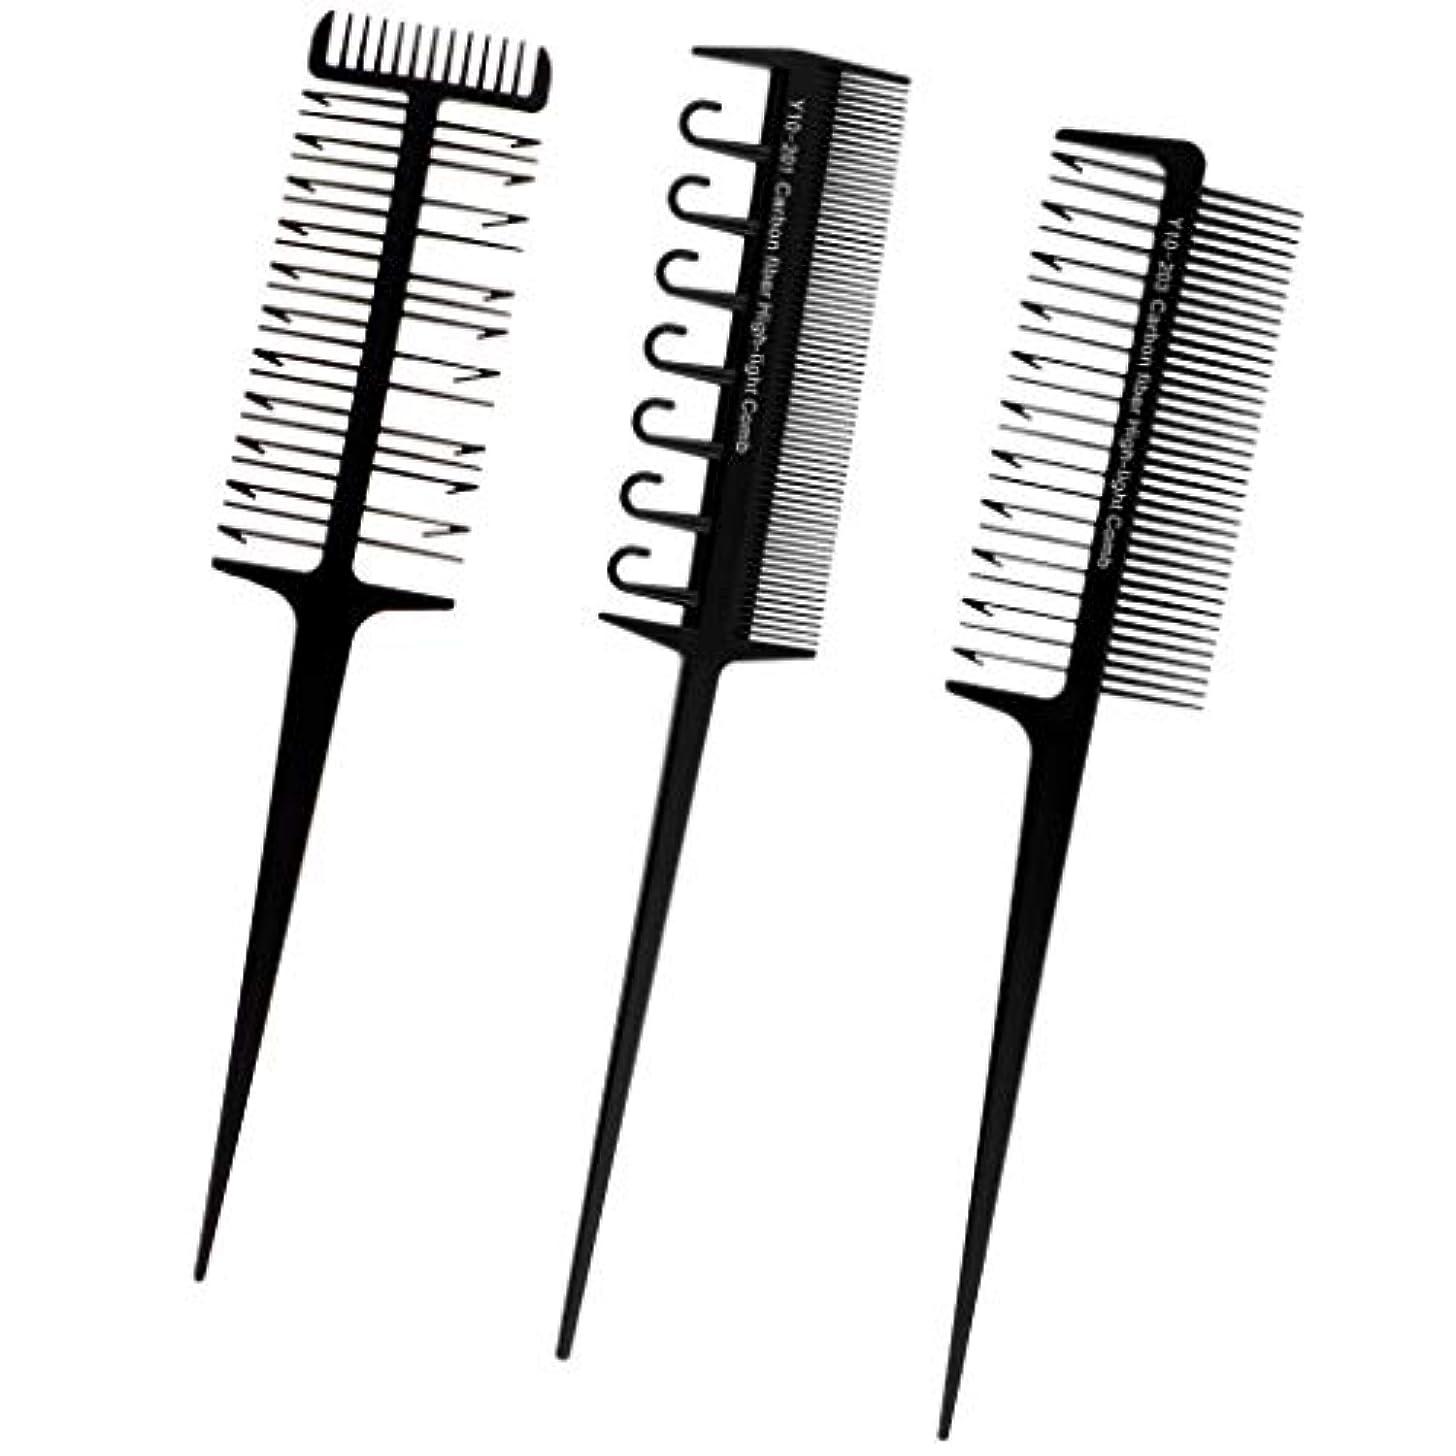 着服水慈悲へアカラーセット 3本セット ヘアダイブラシ DIY髪染め用 サロン 美髪師用 ヘアカラーの用具